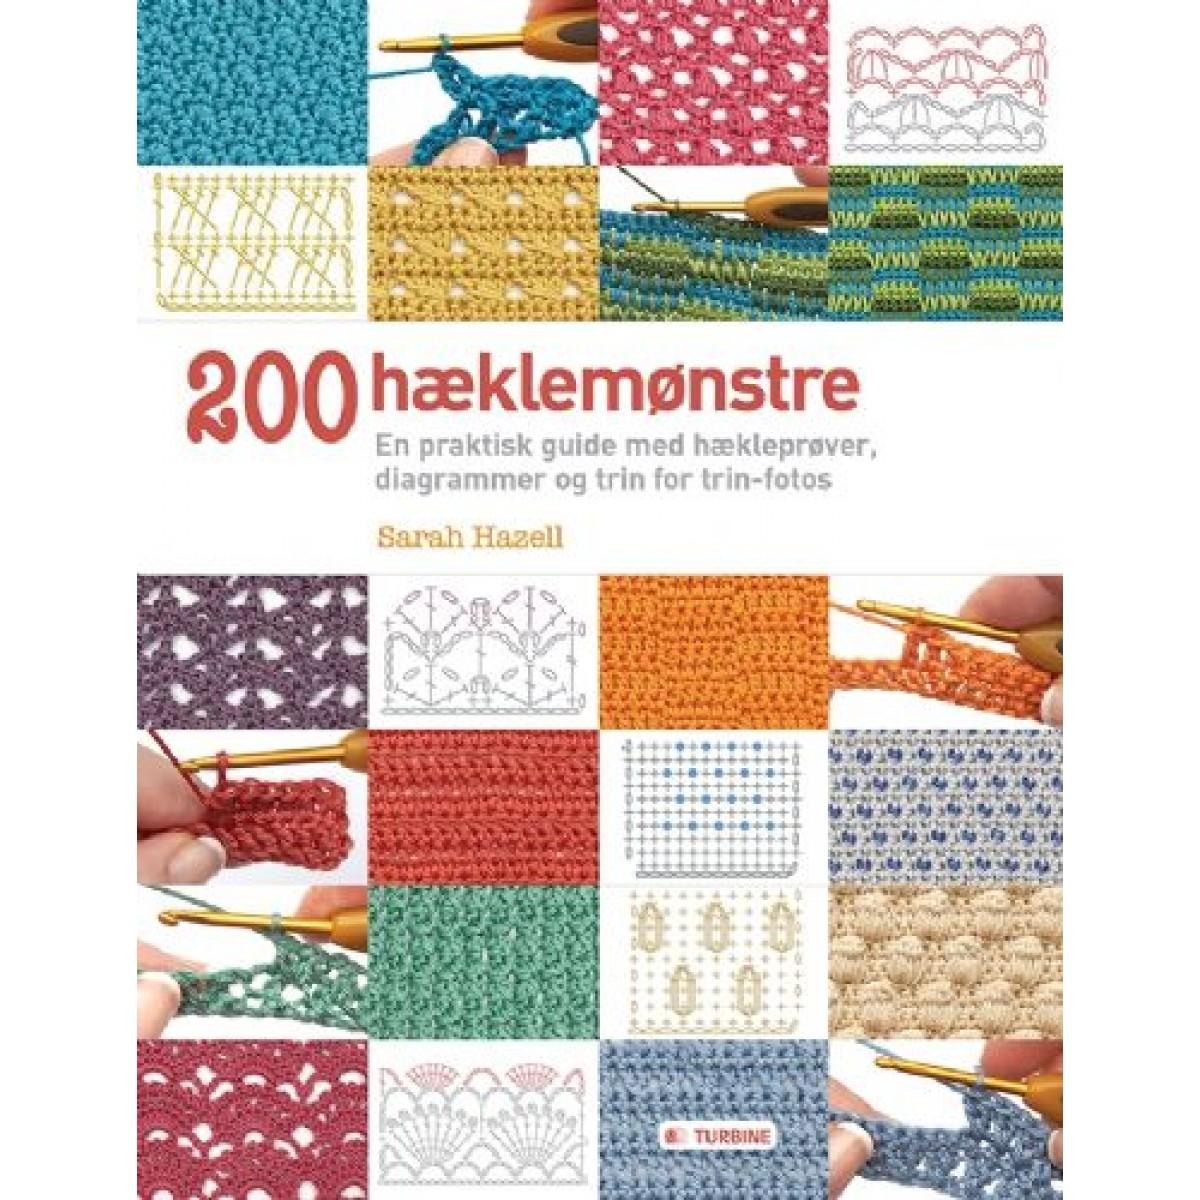 200hklemnstre-31